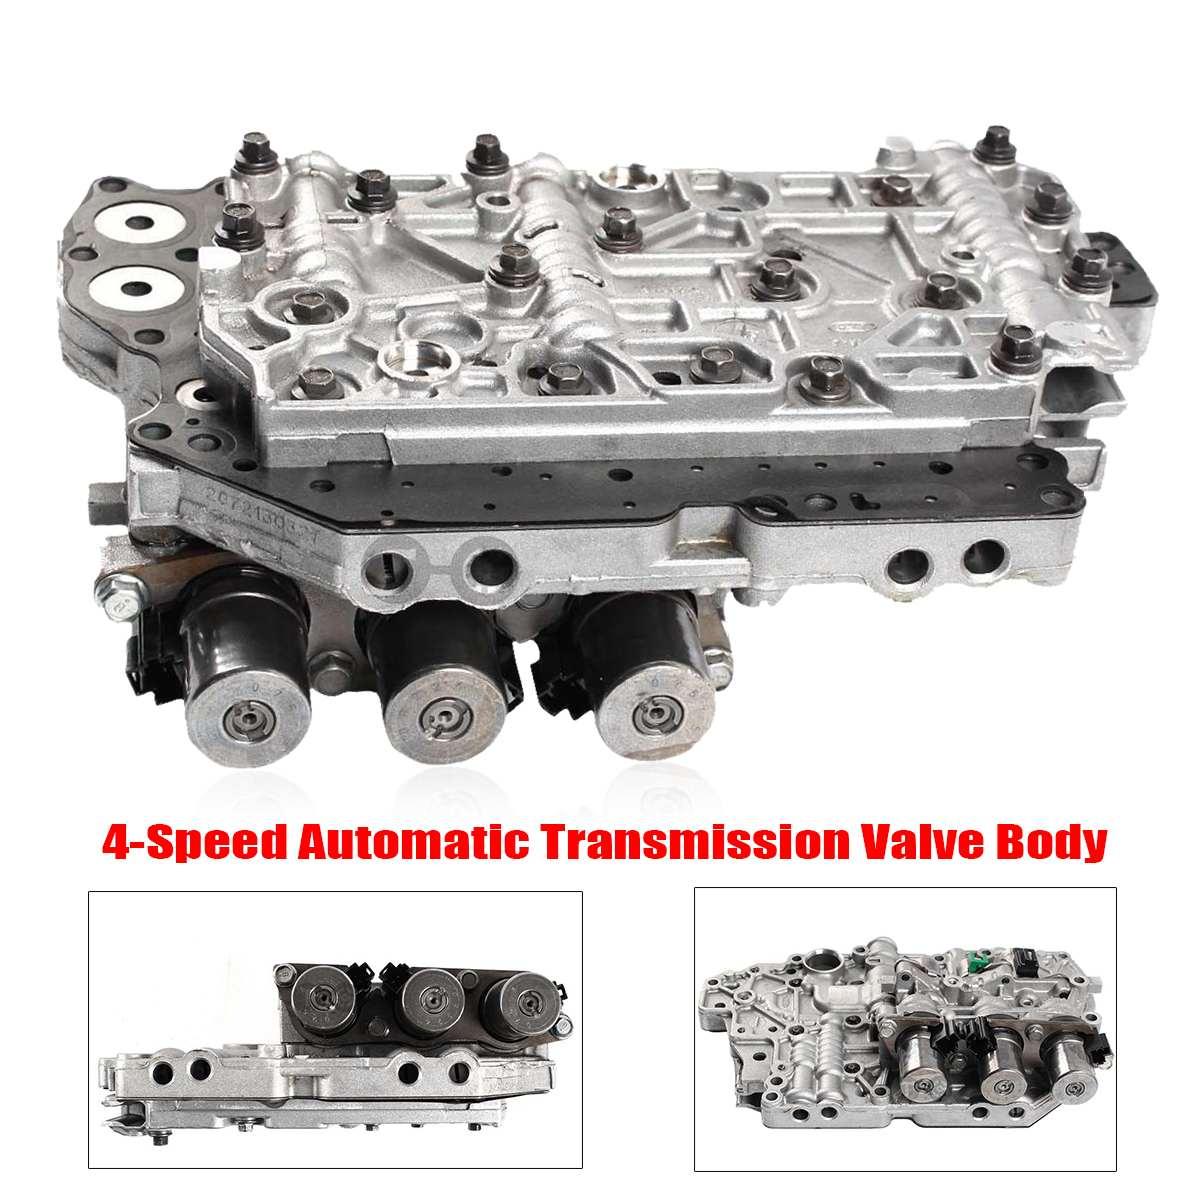 Corps automatique de Valve de la Transmission 4F27E de 4 vitesses avec le solénoïde pour la Transmission automatique de rechange de Ford/Mazda partie le métal Durable